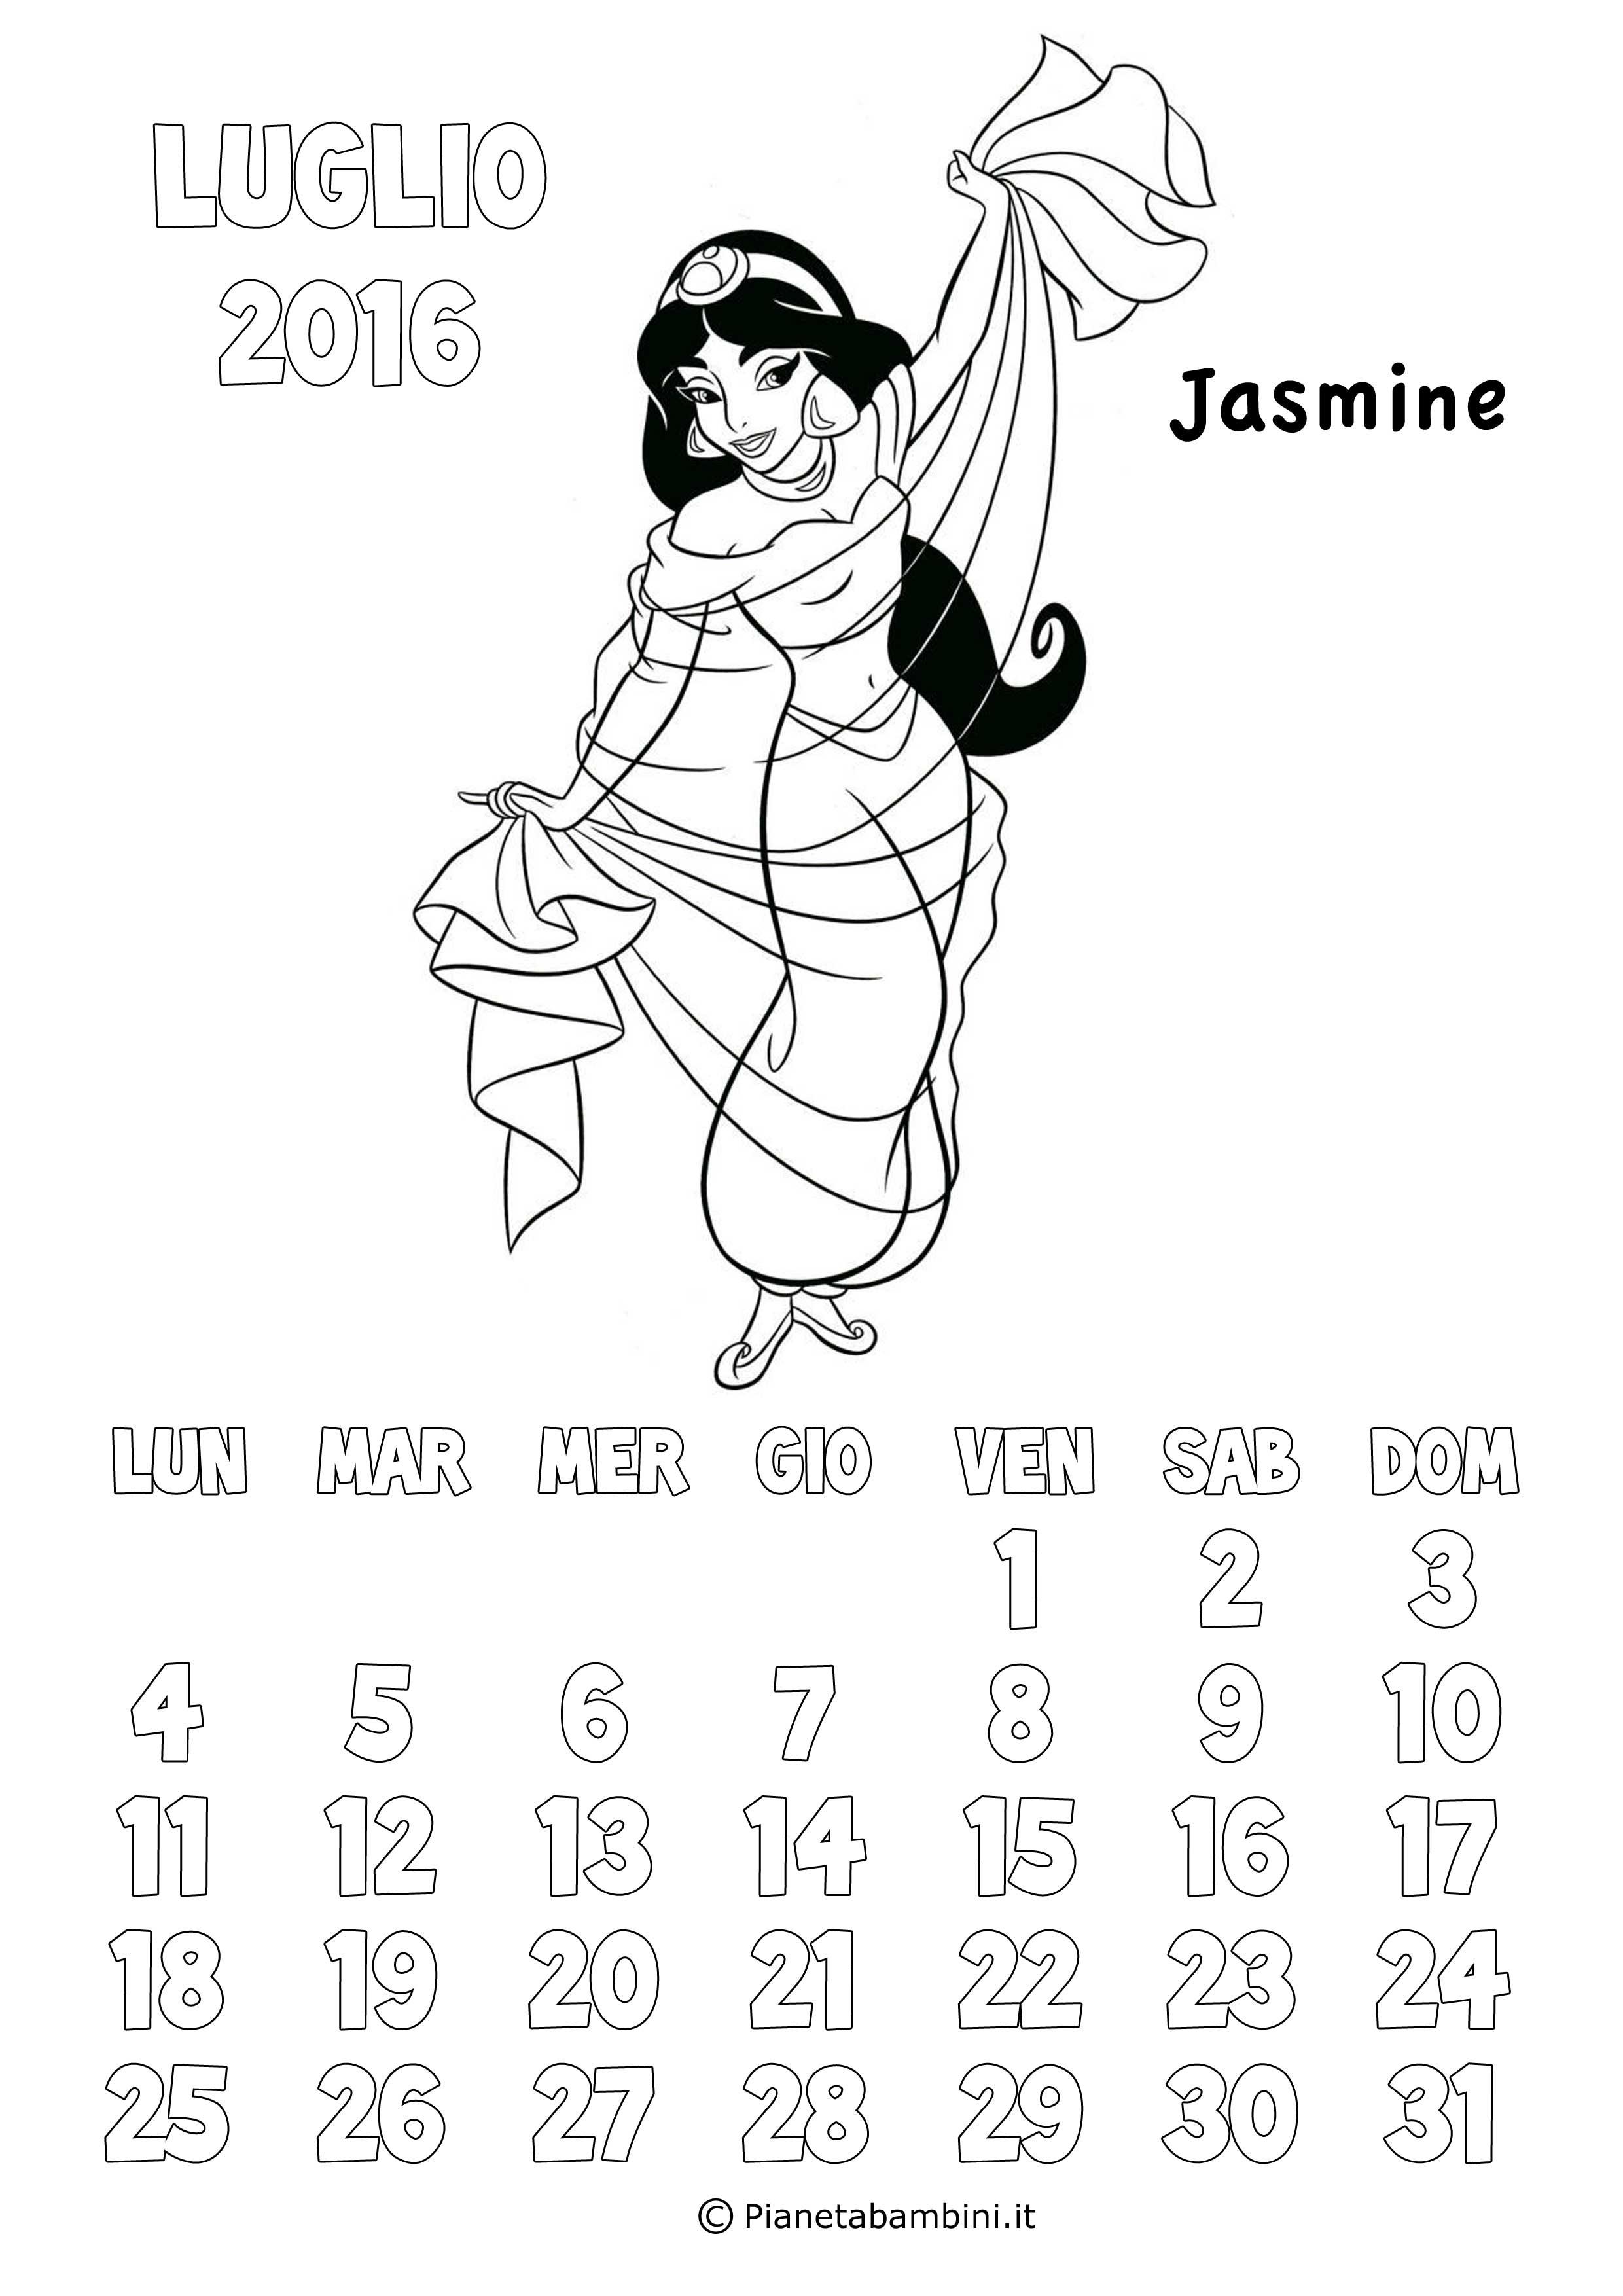 Luglio-2016-Jasmine